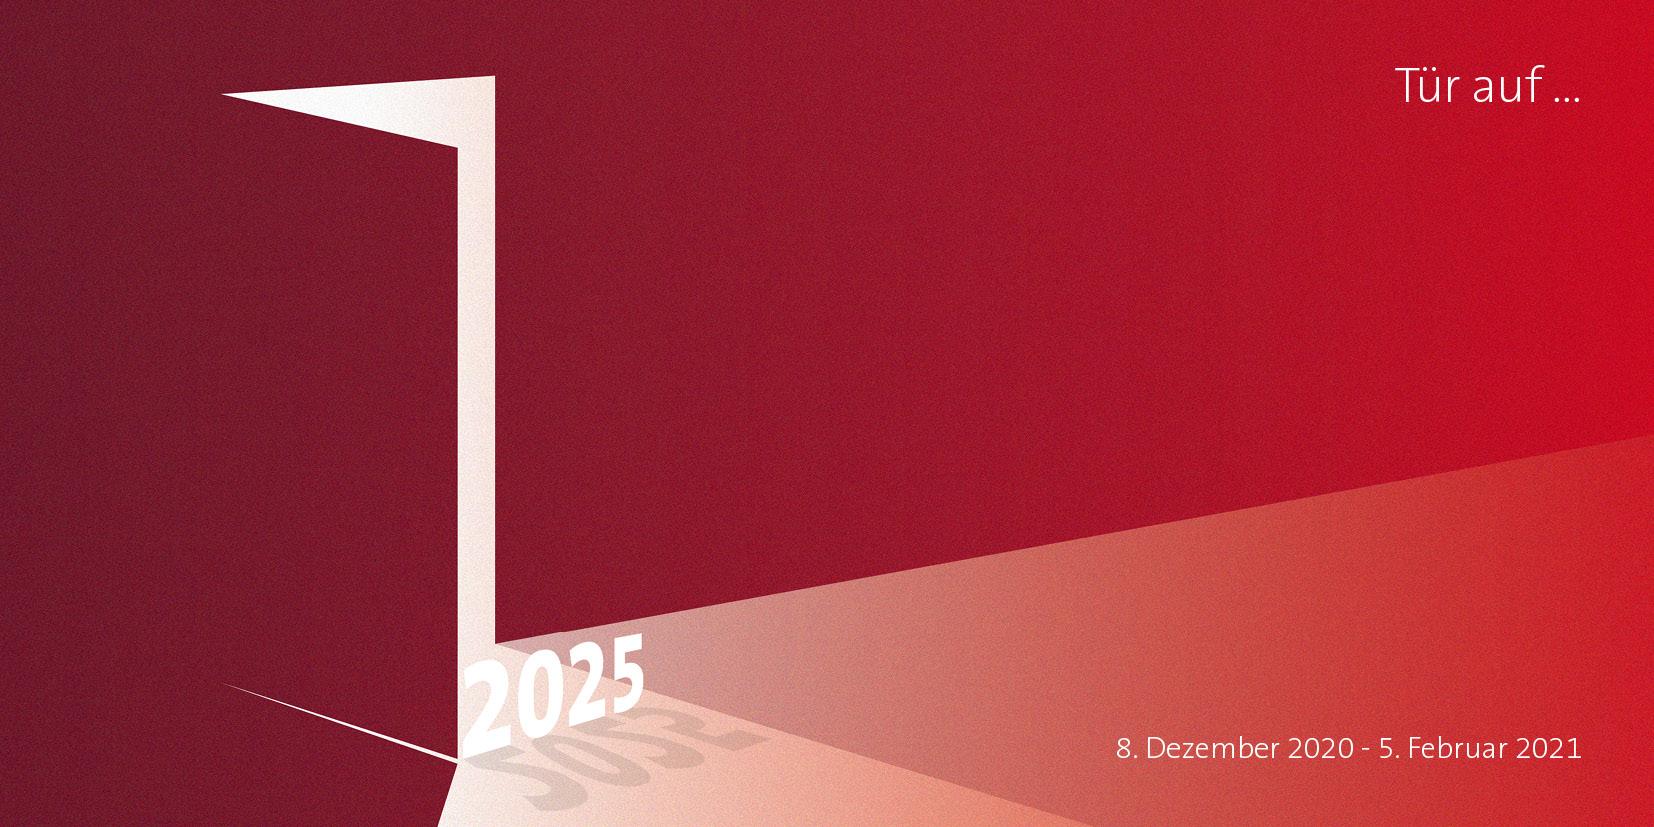 TÜR AUF …  Die Jahreswechselausstellung @ Chemnitzer Künstlerbund e.V. | Chemnitz | Sachsen | Deutschland